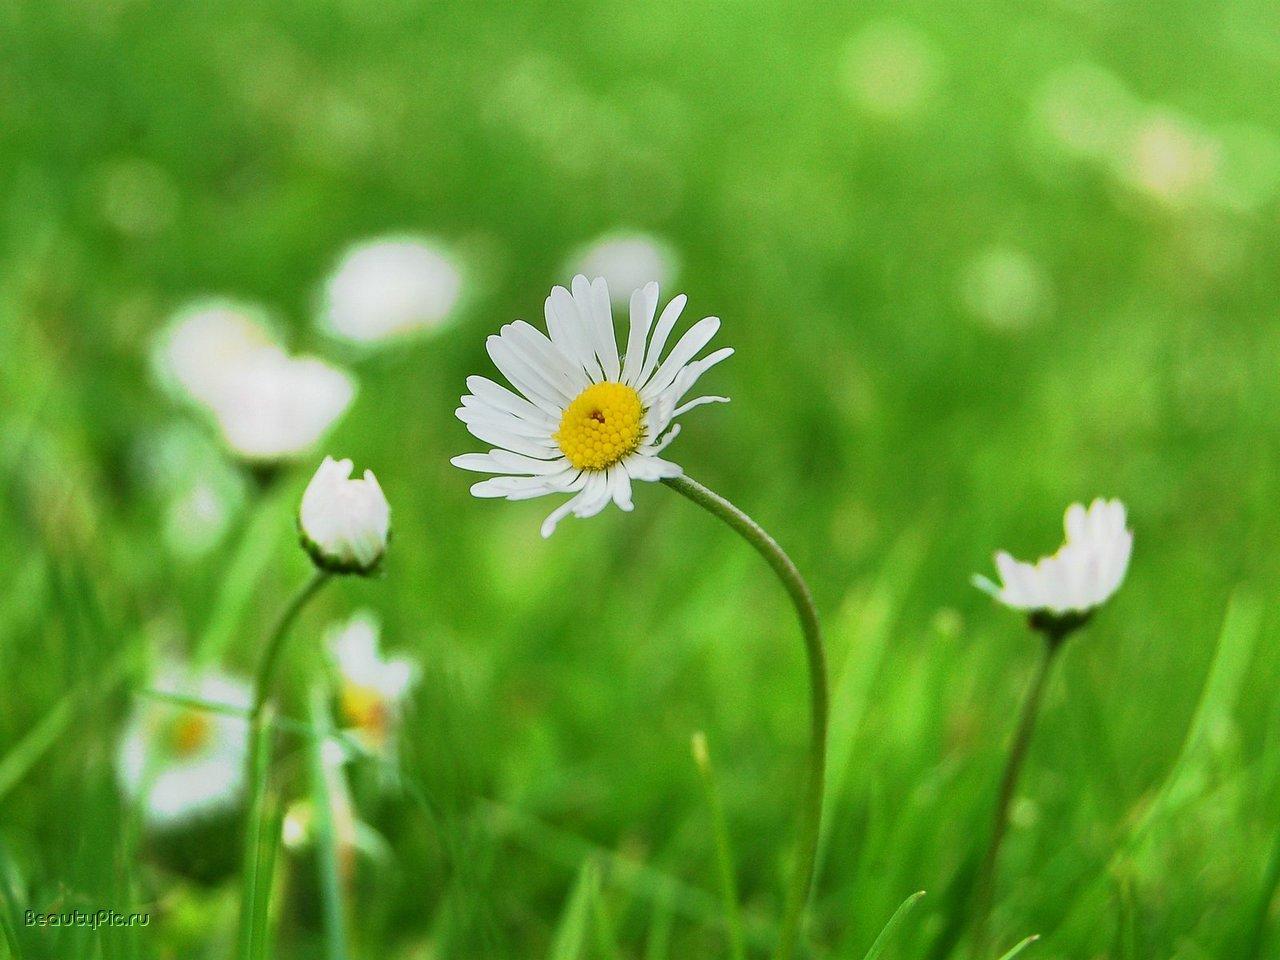 9953 descargar fondo de pantalla Plantas, Flores, Camomila: protectores de pantalla e imágenes gratis